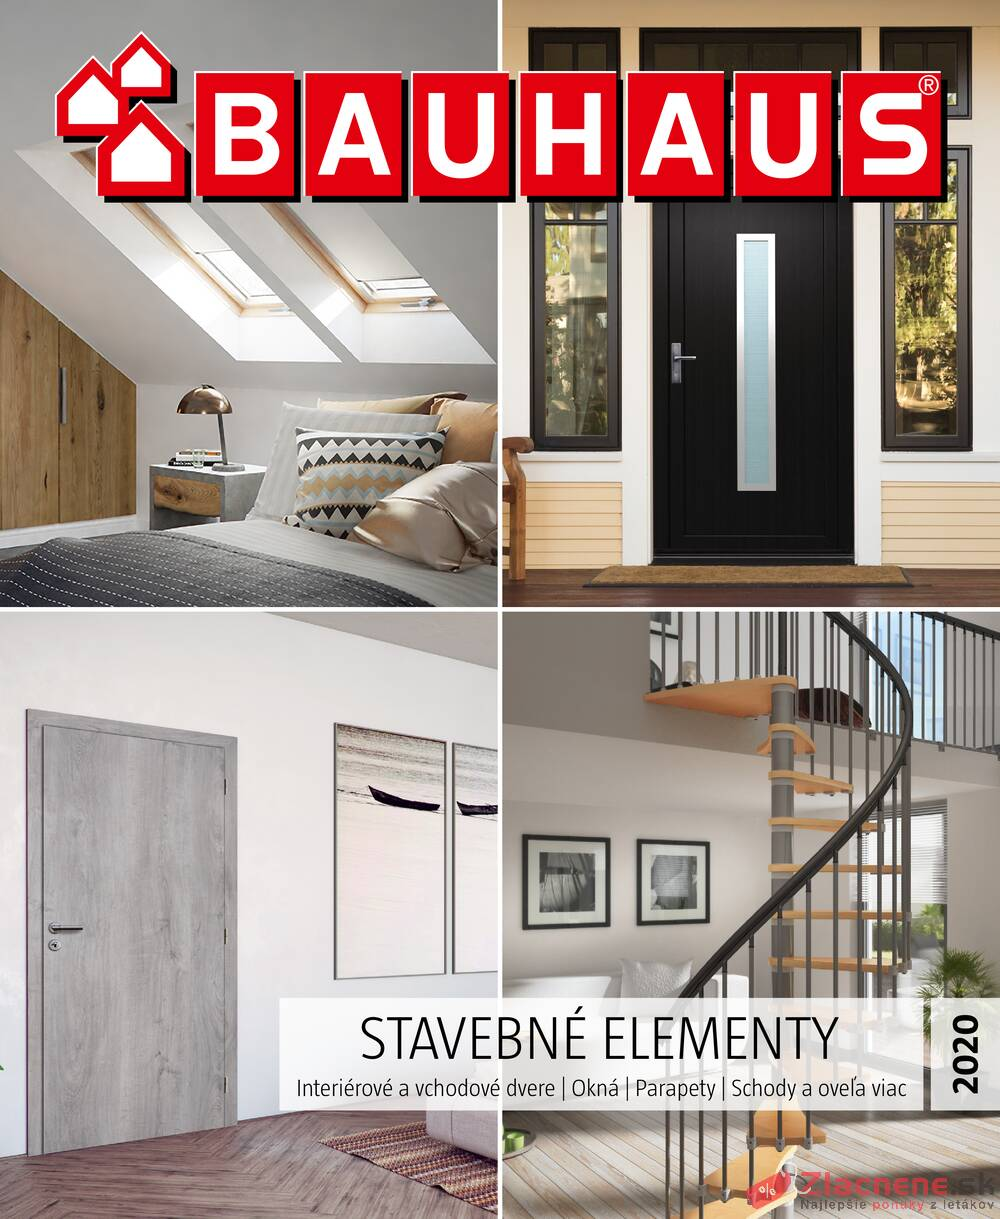 Leták Bauhaus - Bauhaus STAVEBNÉ ELEMENTY 23.6. - 30.11. - strana 1